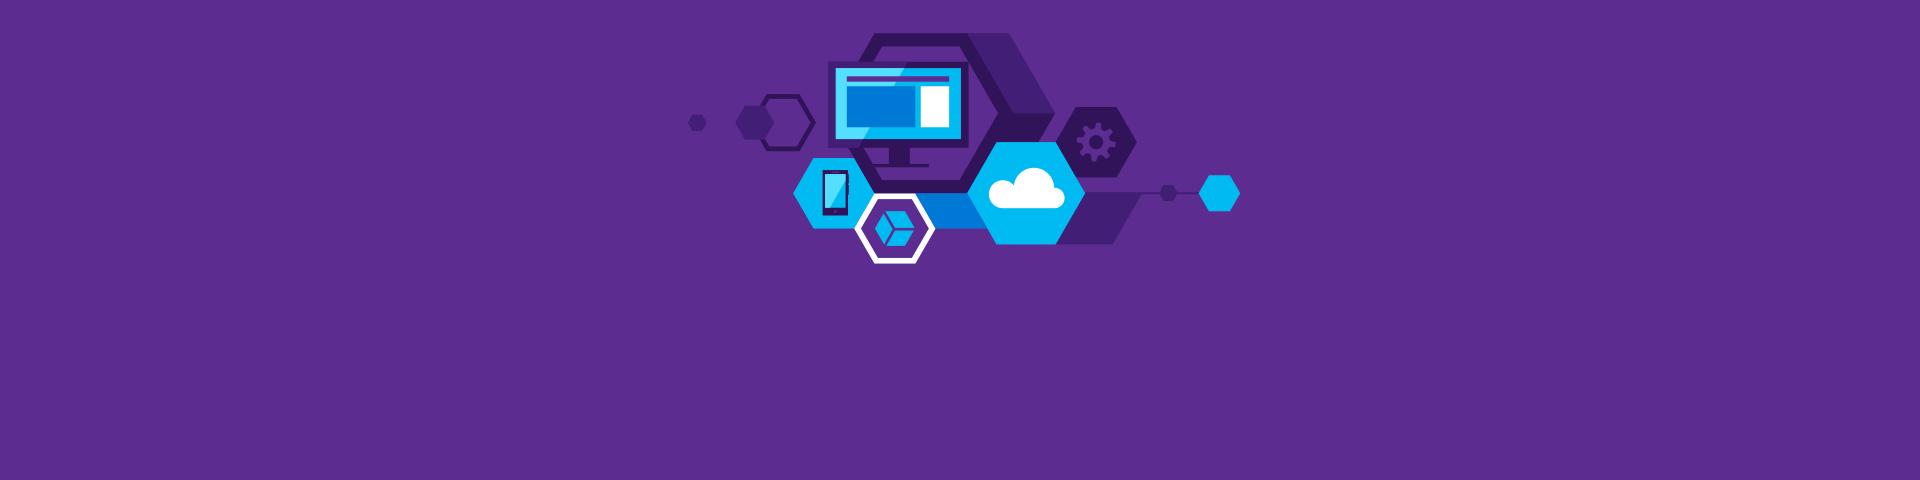 Tietokone, puhelin, pilvi ja muita teknisiä kuvakkeita